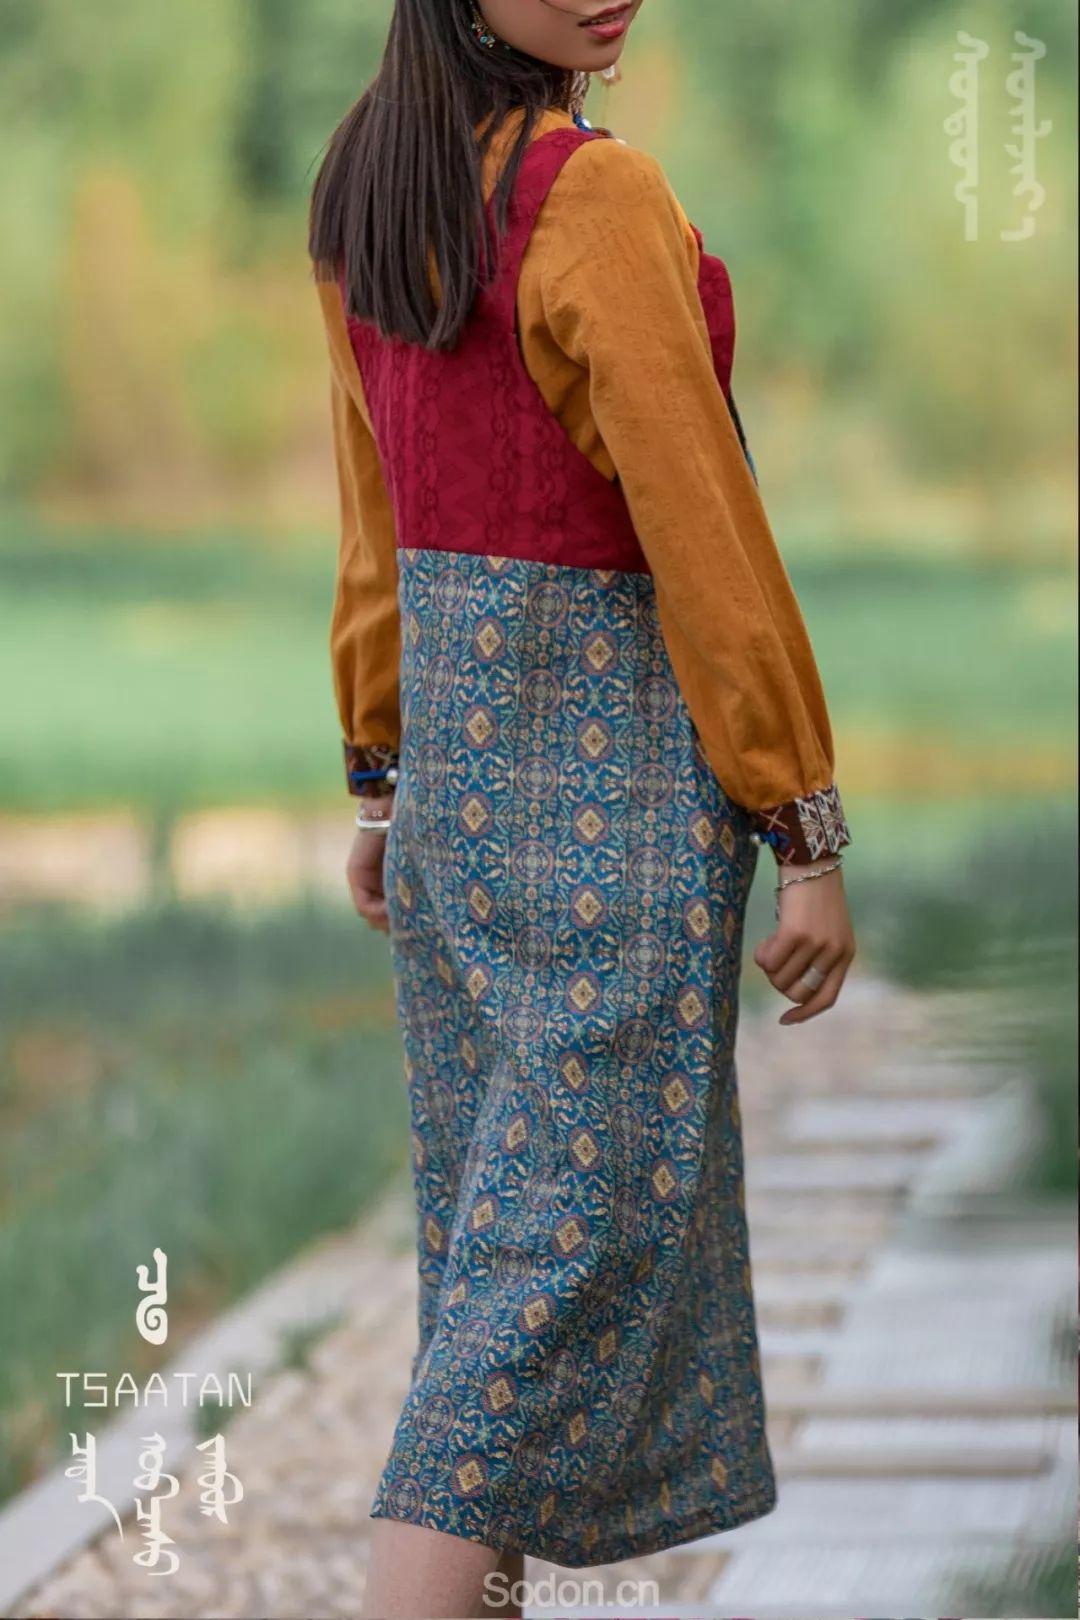 TSAATAN蒙古时装 2019新款,来自驯鹿人的独特魅力! 第82张